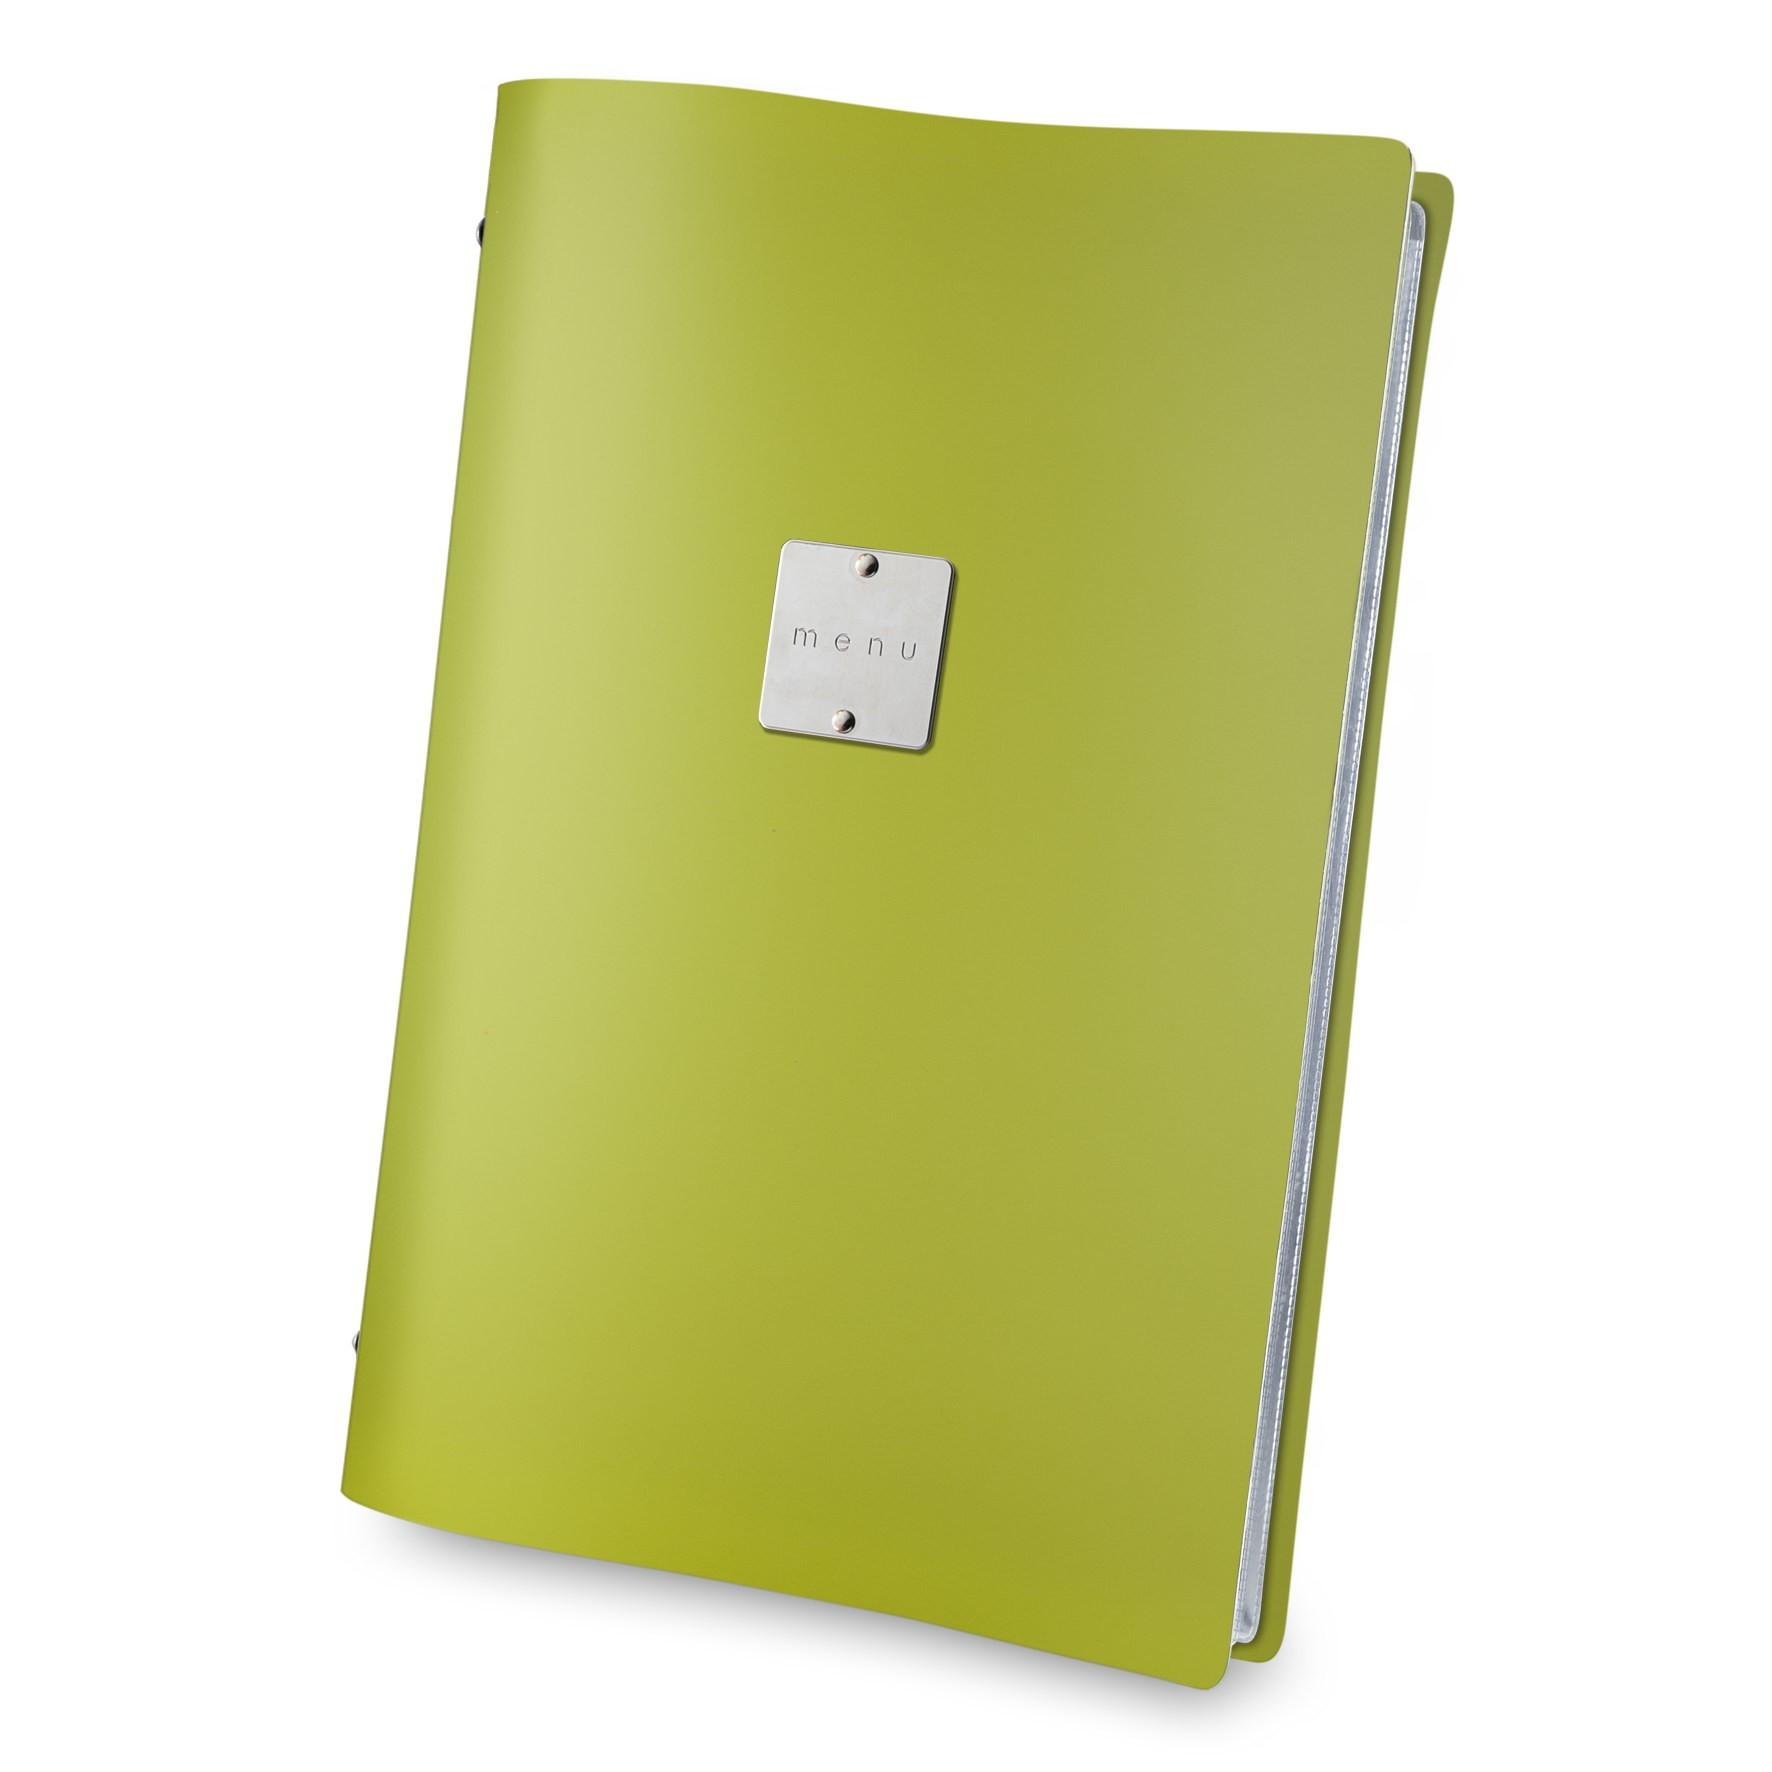 Protège-menu Fashion ctron vert